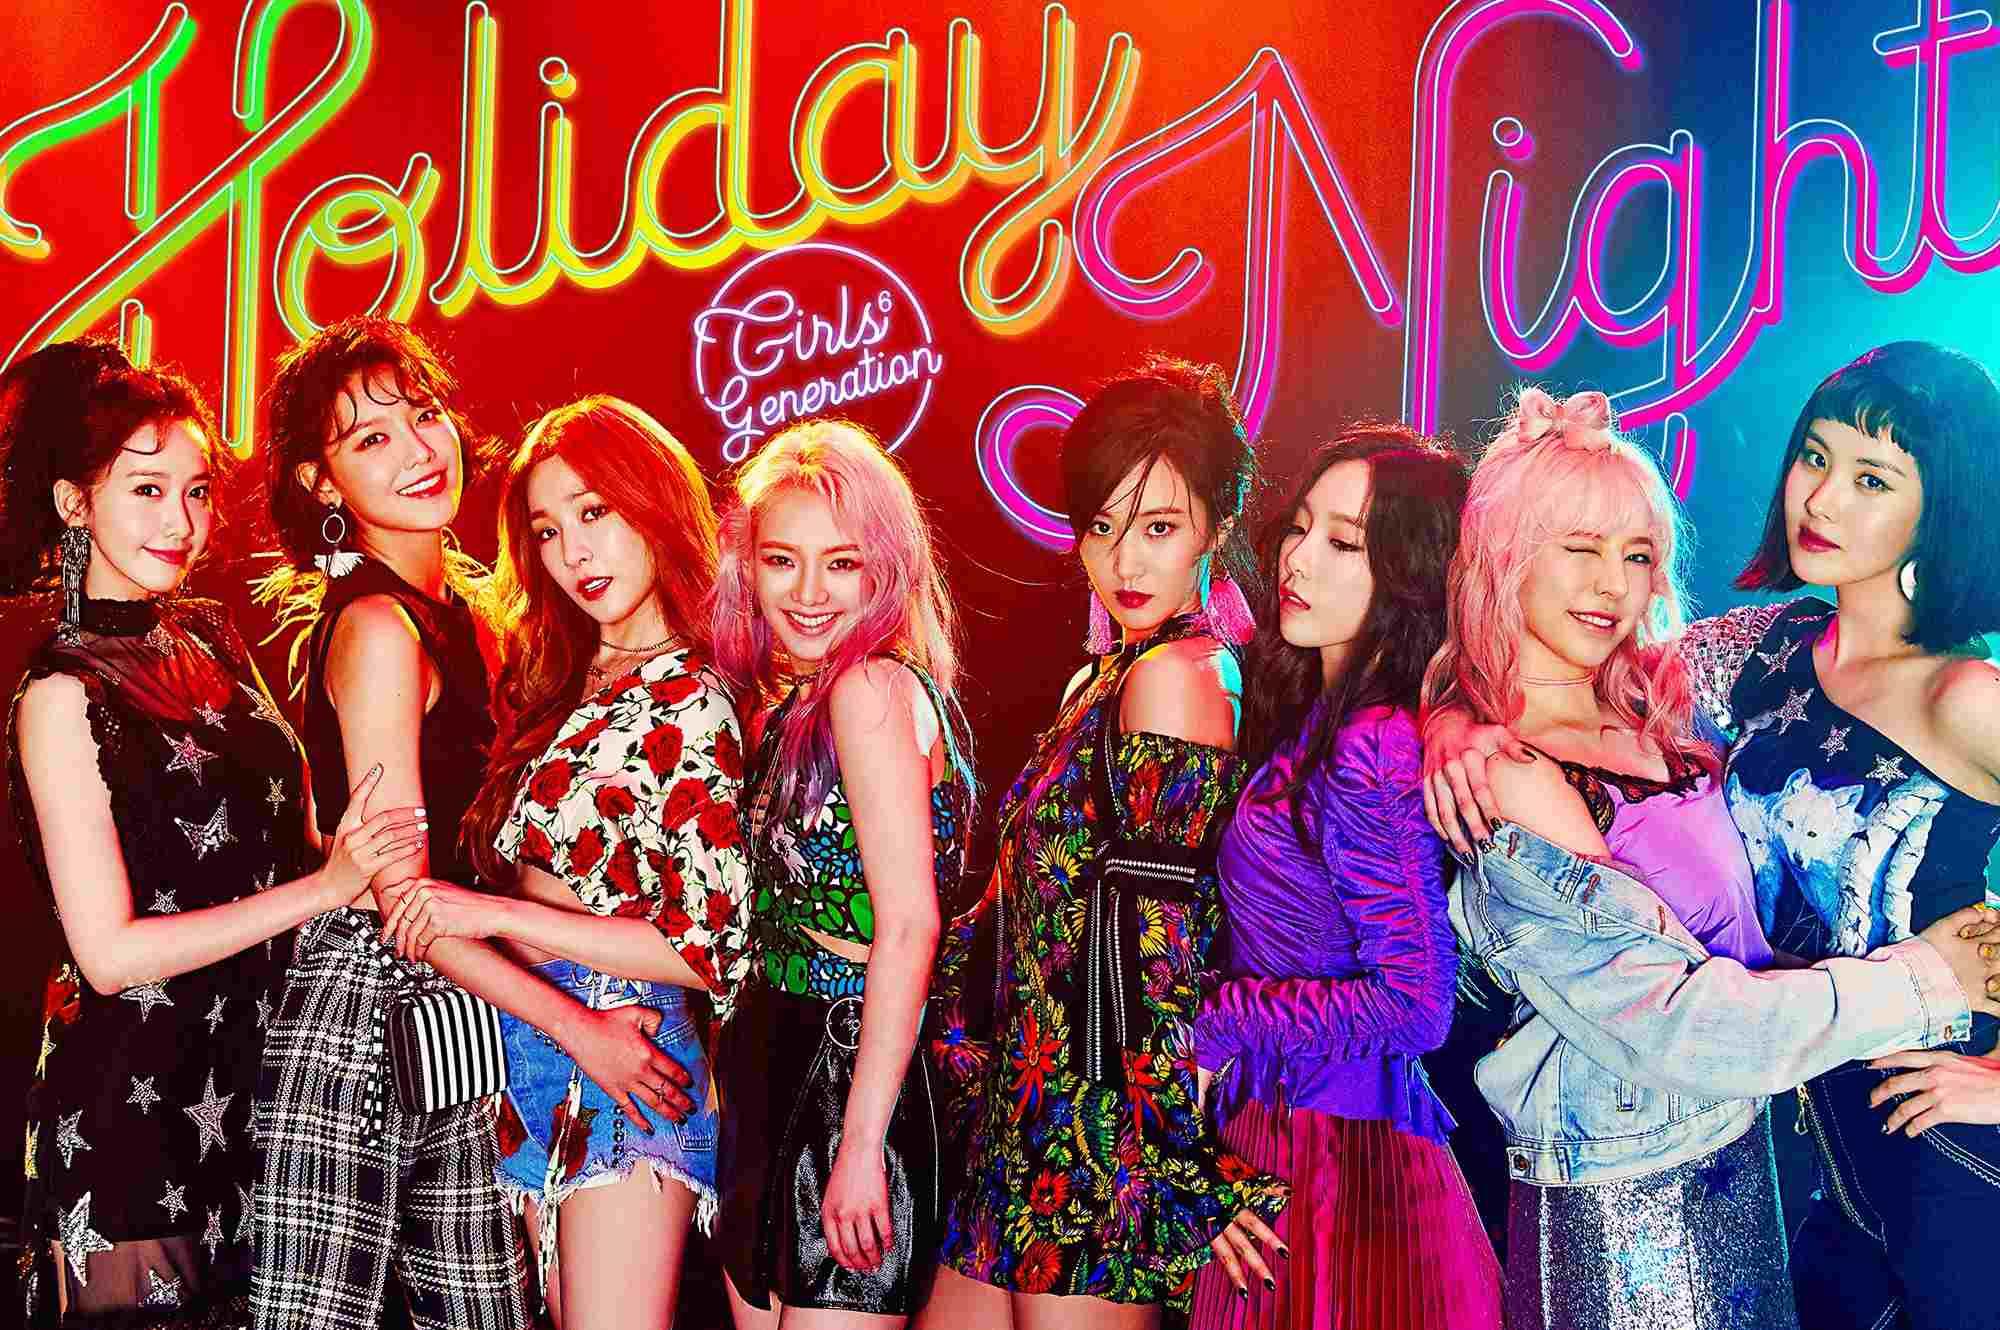 像是今年迎來出道10年的少女時代,其實原本在選成員的時候,並不是只有一開始出道的9位成員呢!